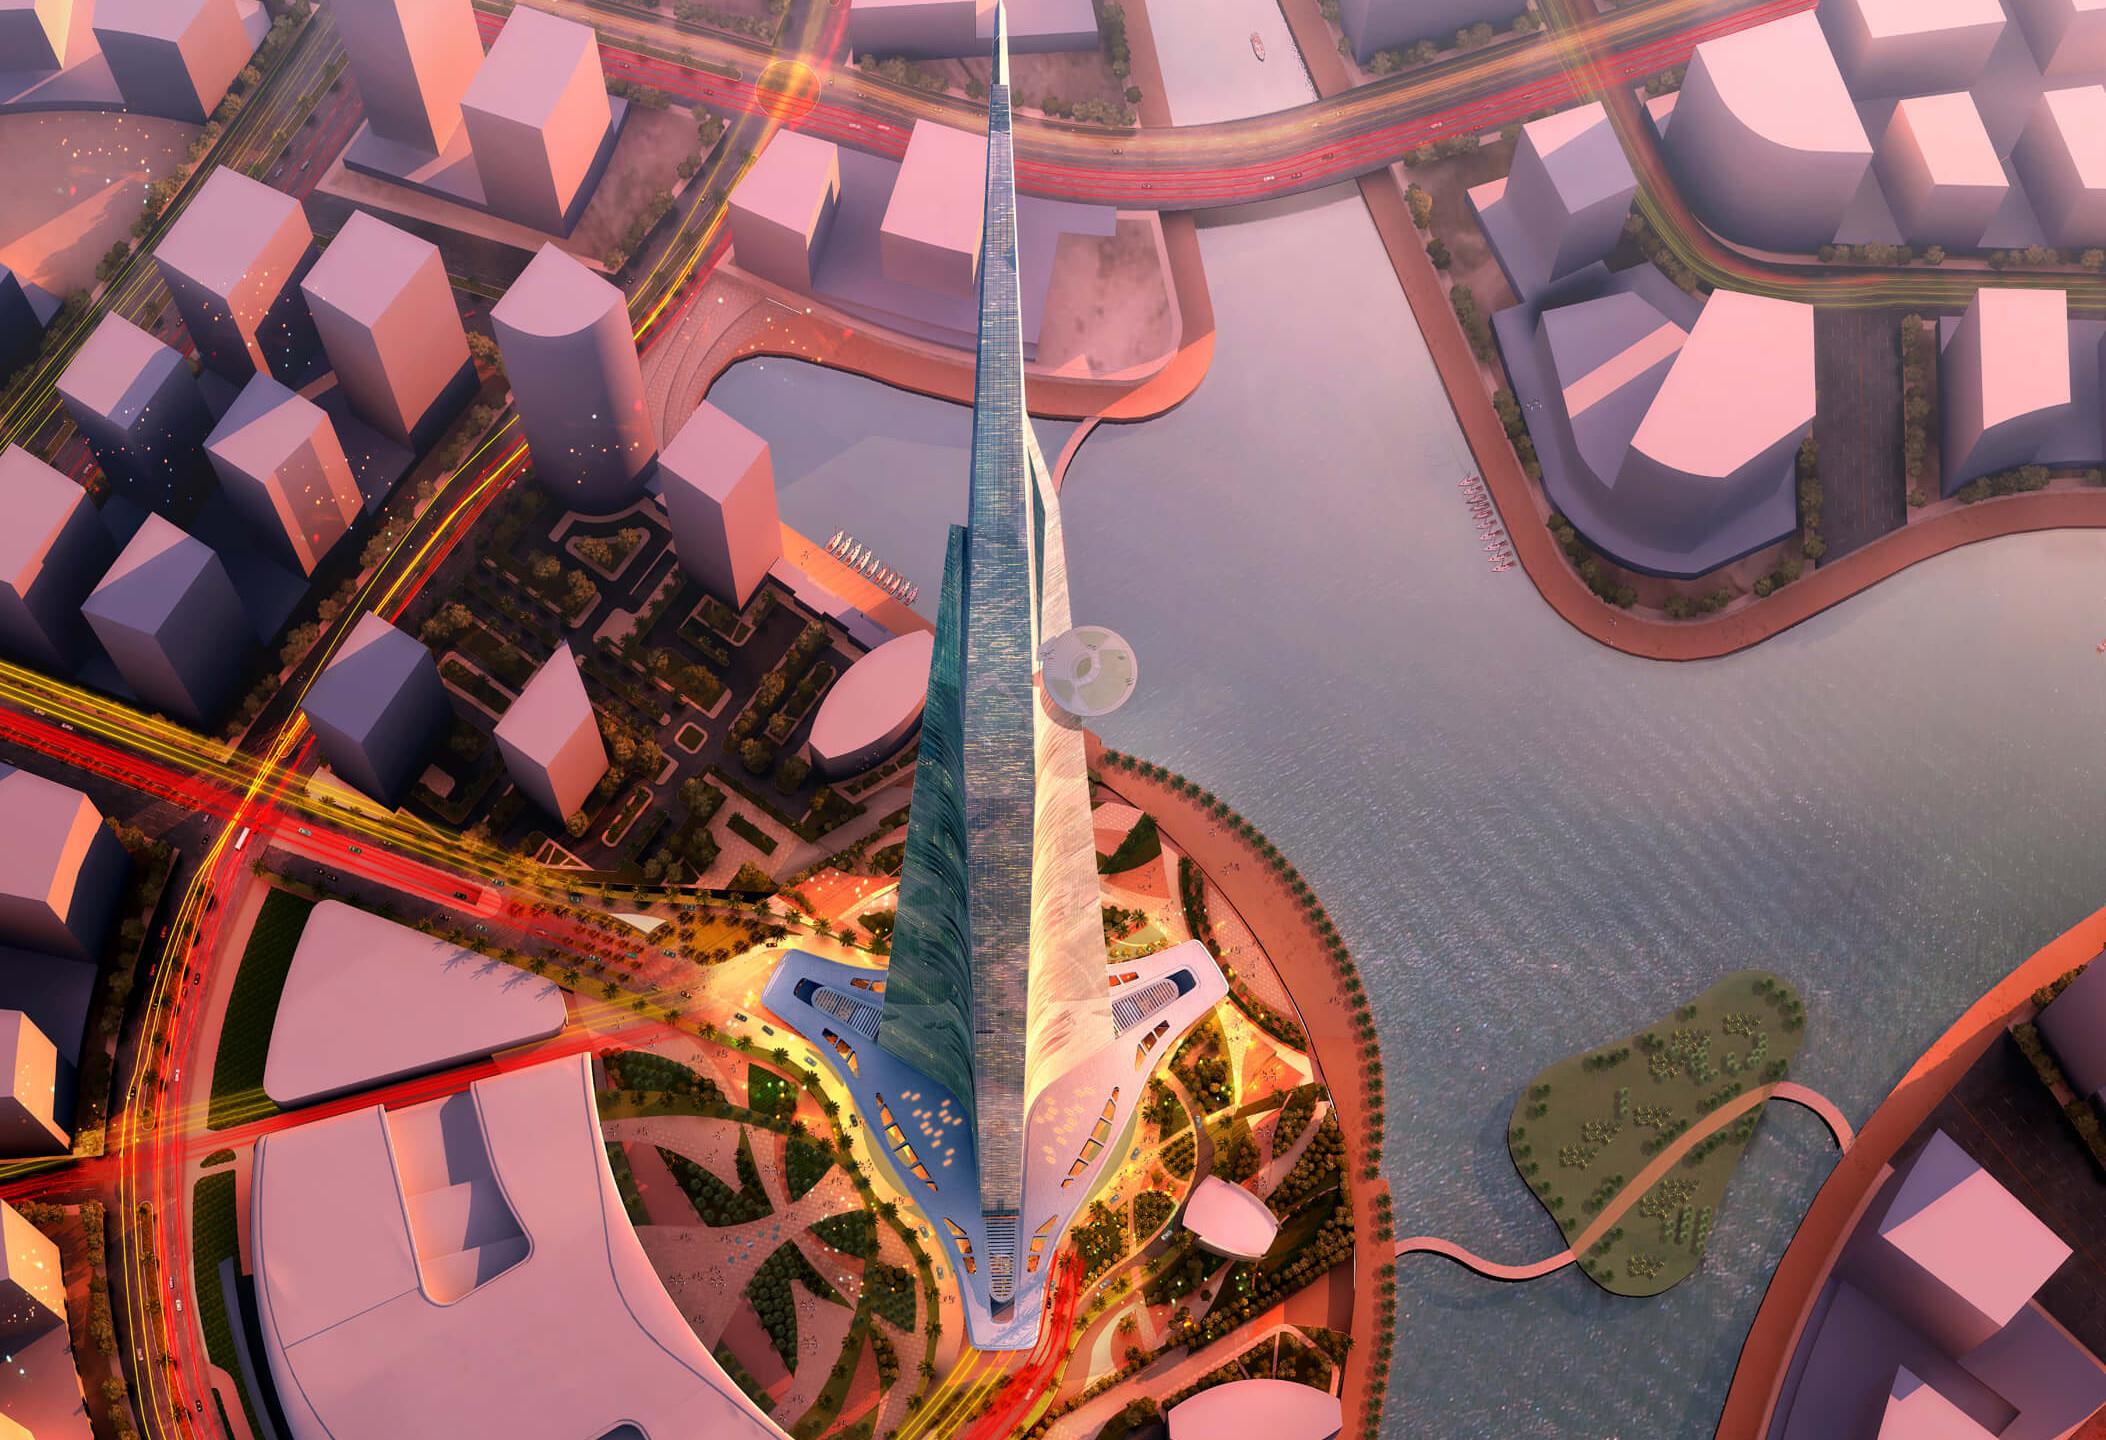 Konzeptzeichnung des Jeddah Tower aus der Luft